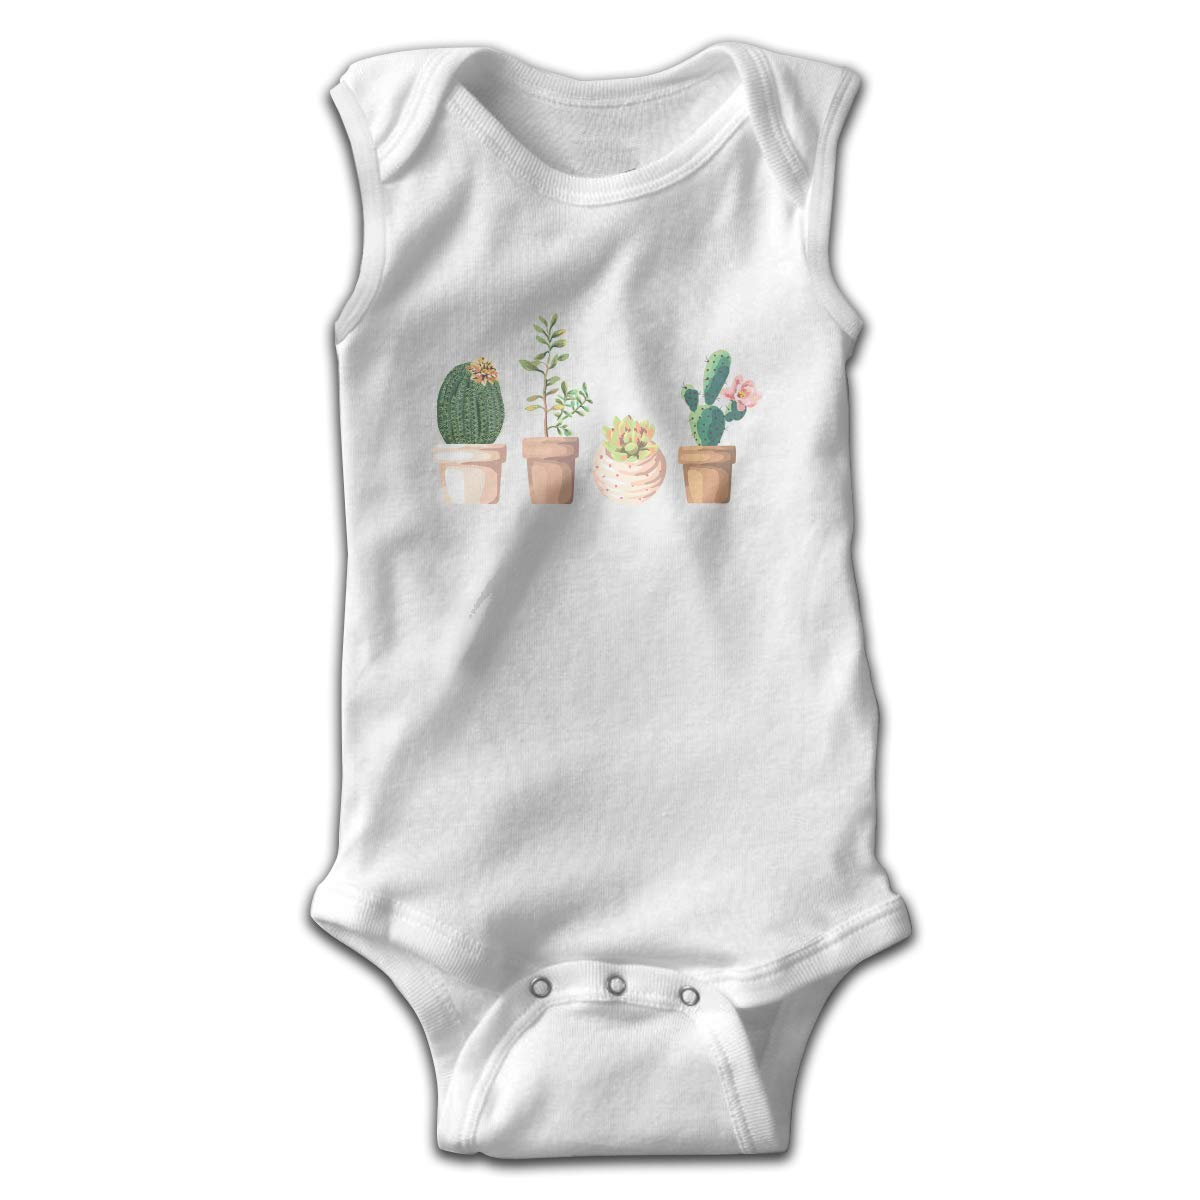 Dunpaiaa Cactus Newborn Crawling Suit Sleeveless Romper Bodysuit Onesies Jumpsuit Black